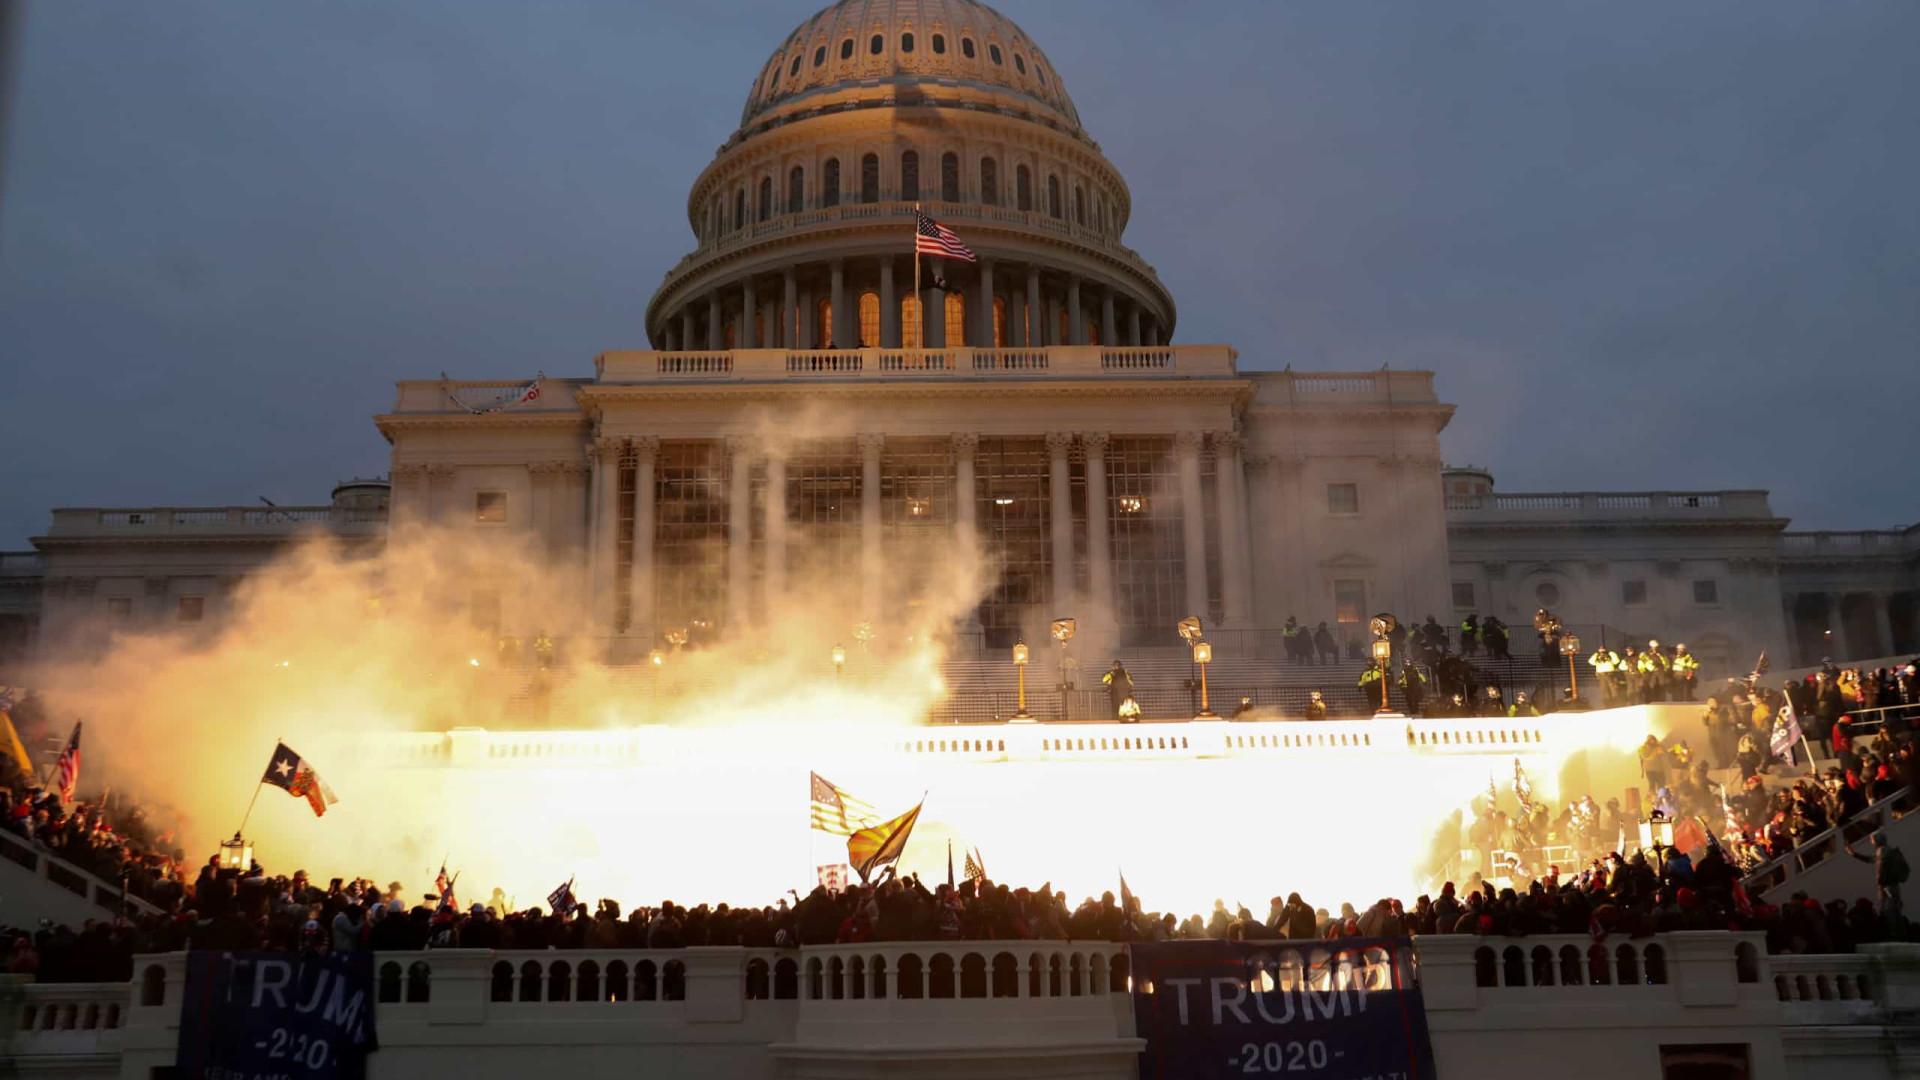 EUA. As imagens do caos que virou o Capitólio